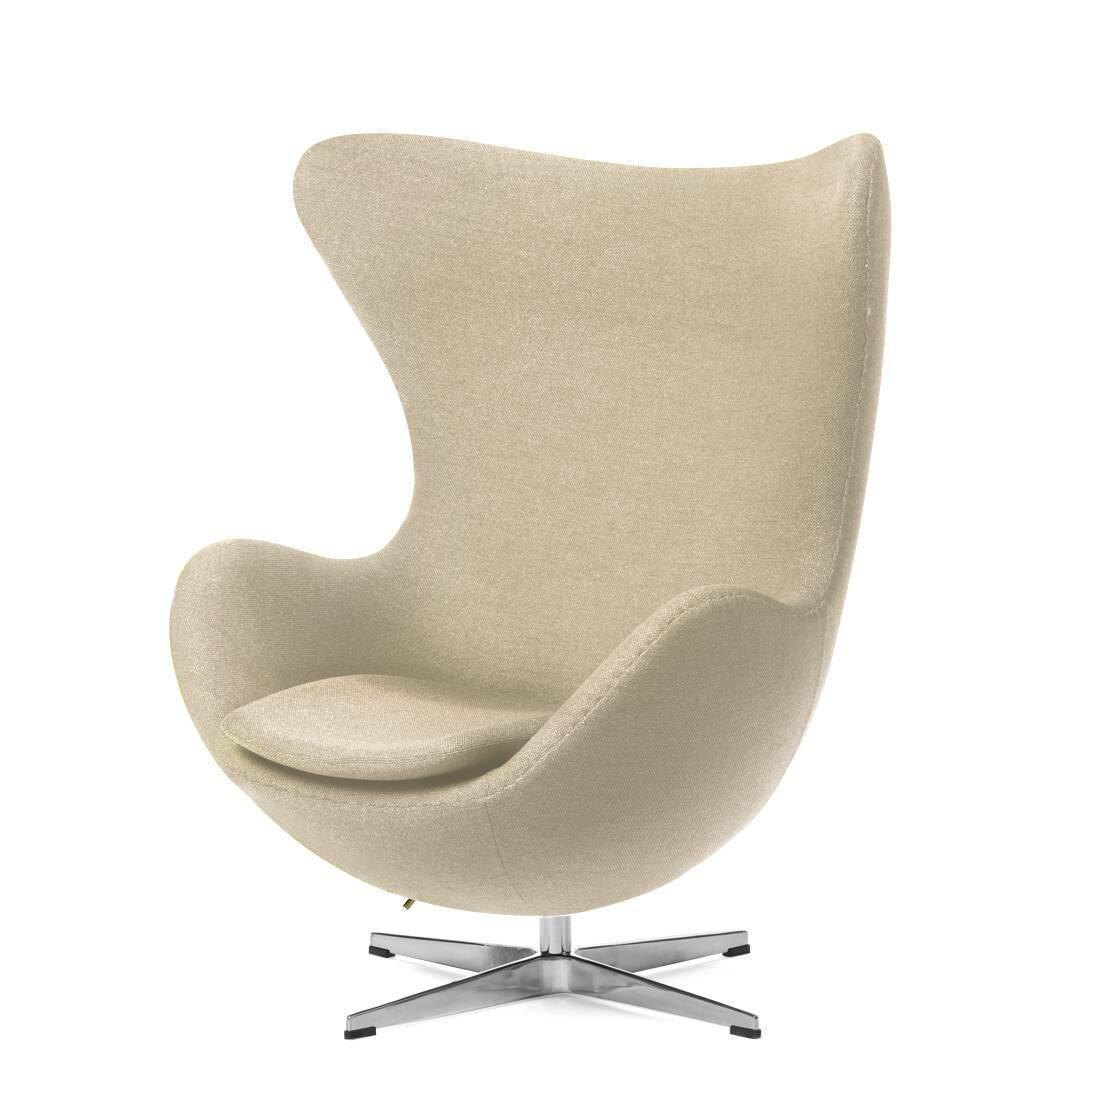 Кресло Cosmo 15579855 от Cosmorelax